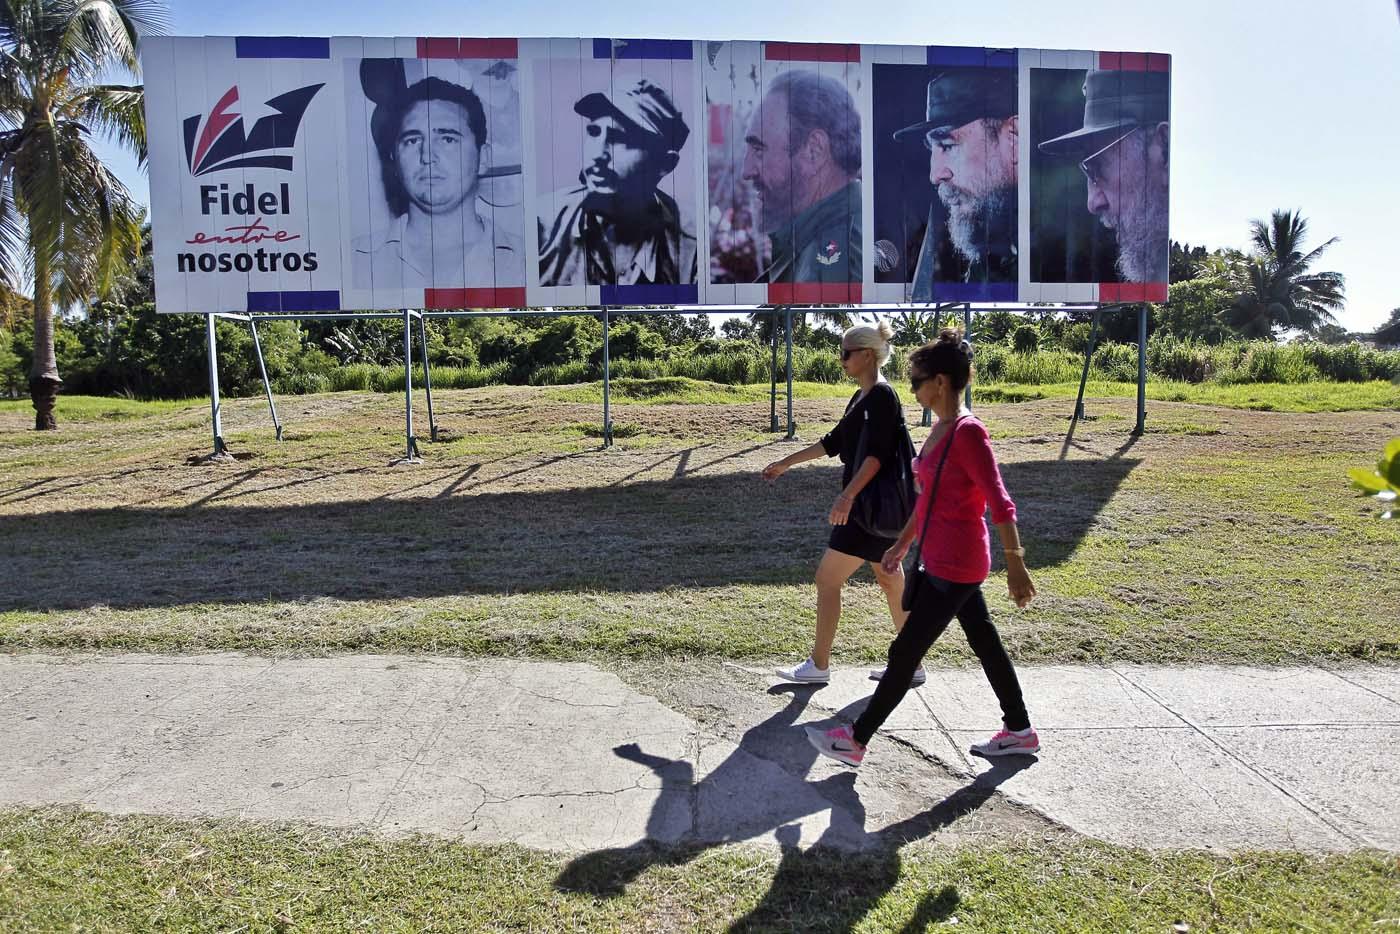 """HAB106. LA HABANA (CUBA), 13/08/2017.- Dos mujeres caminan junto a un cartel con la imagen del líder de la revolución cubana Fidel Castro, en el día de su 91 cumpleaños, hoy, domingo 13 de agosto del 2017, en La Habana (Cuba). Cuba recuerda hoy el 91 aniversario del natalicio del líder de la revolución, Fidel Castro, el primero tras su fallecimiento hace nueve meses, que se celebra este domingo con múltiples actos y una amplia cobertura en los medios estatales de la isla que resaltan el legado del """"invicto y eterno Comandante"""". EFE/Ernesto Mastrascusa"""